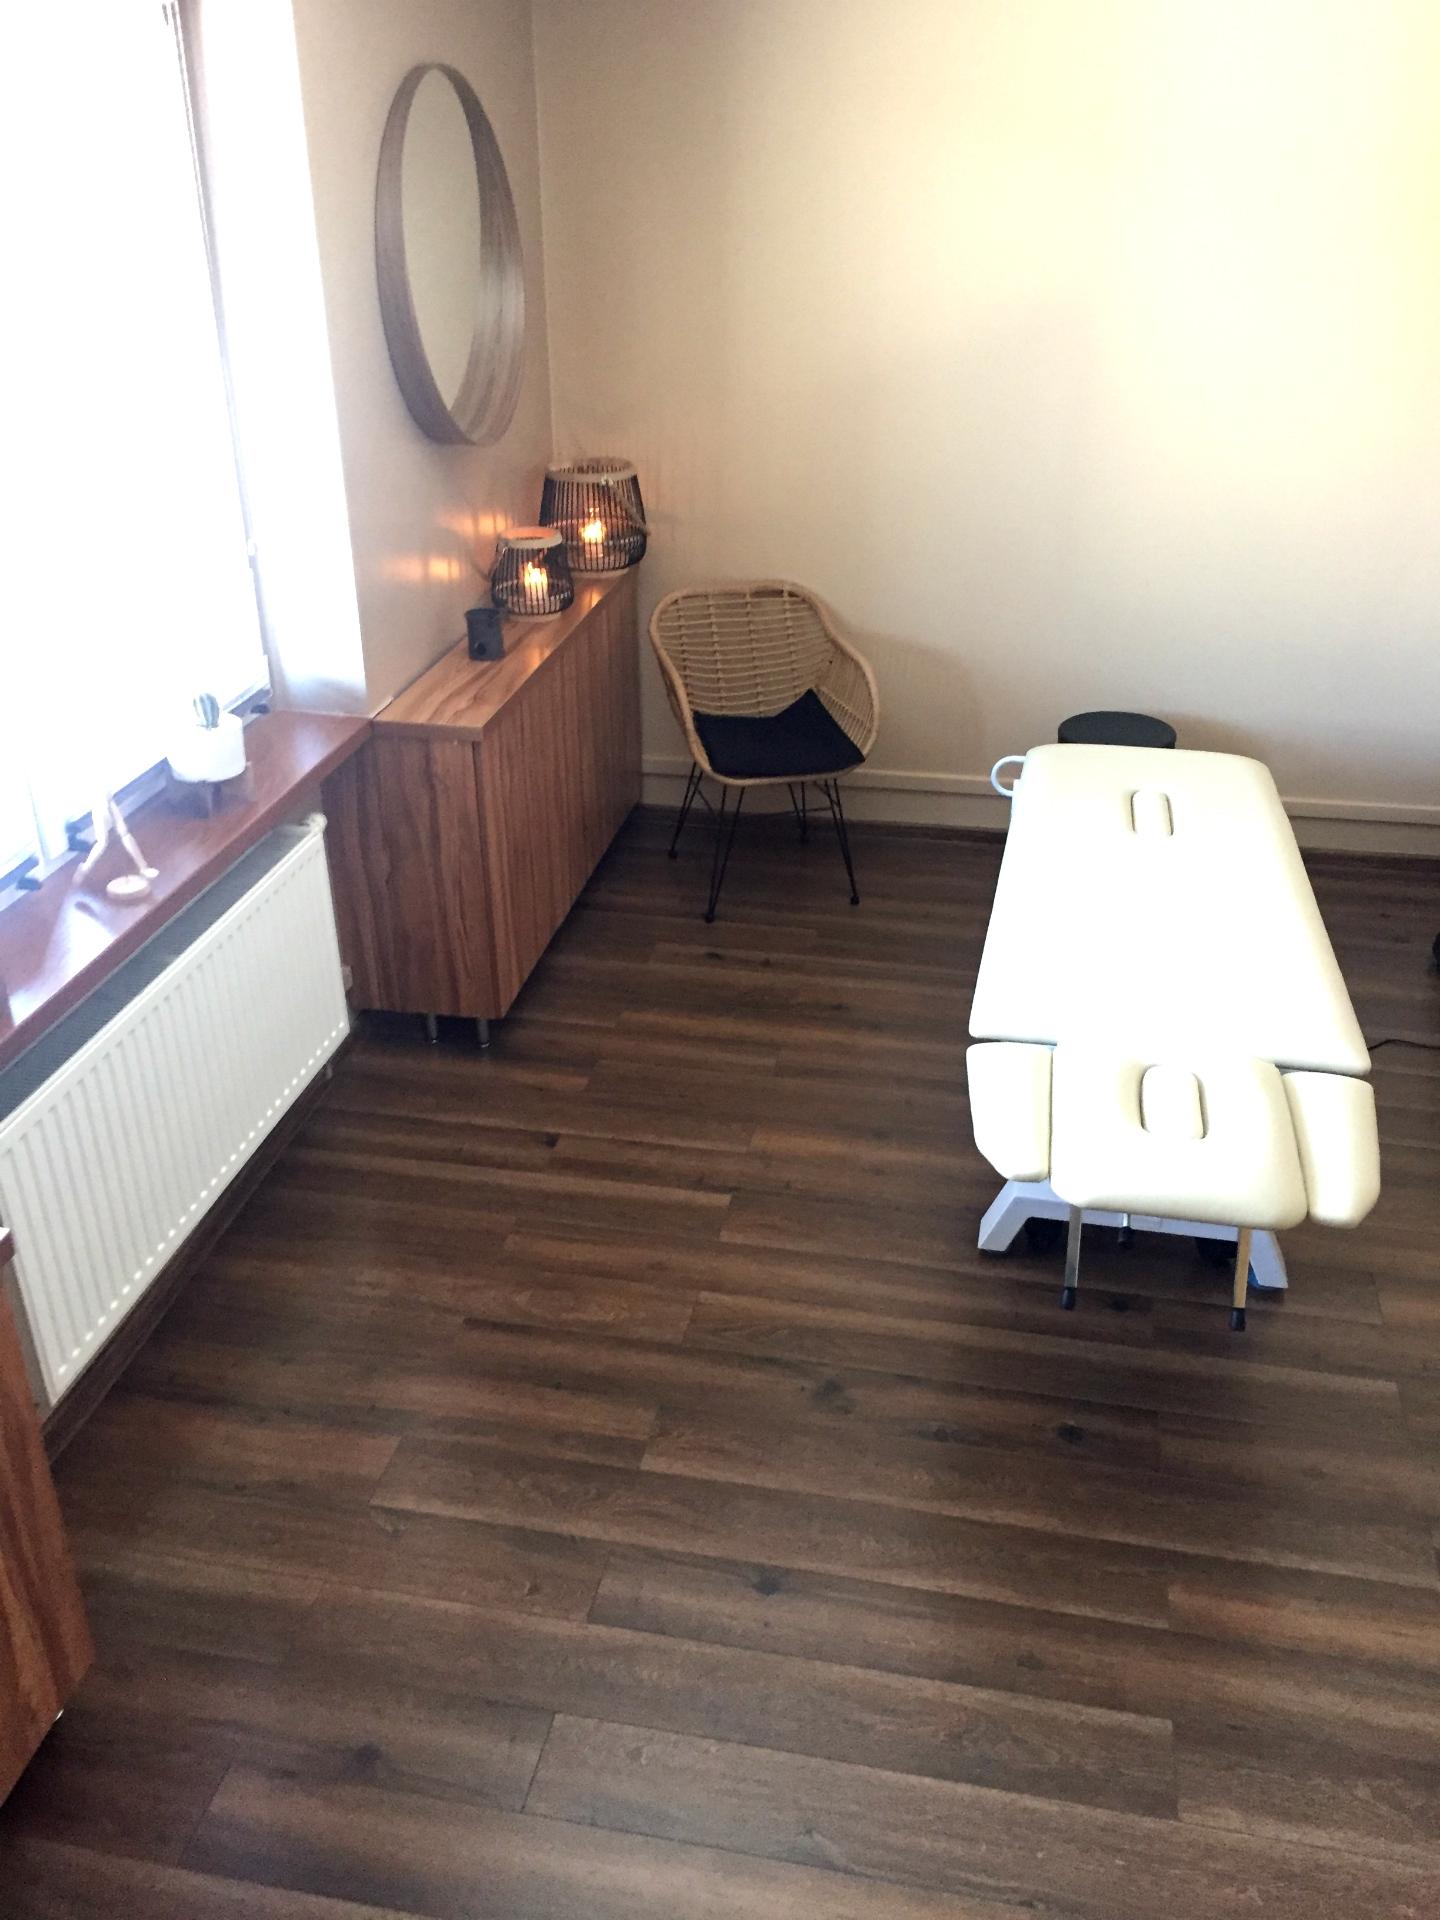 Pokój masaży - www.mindful.org.pl